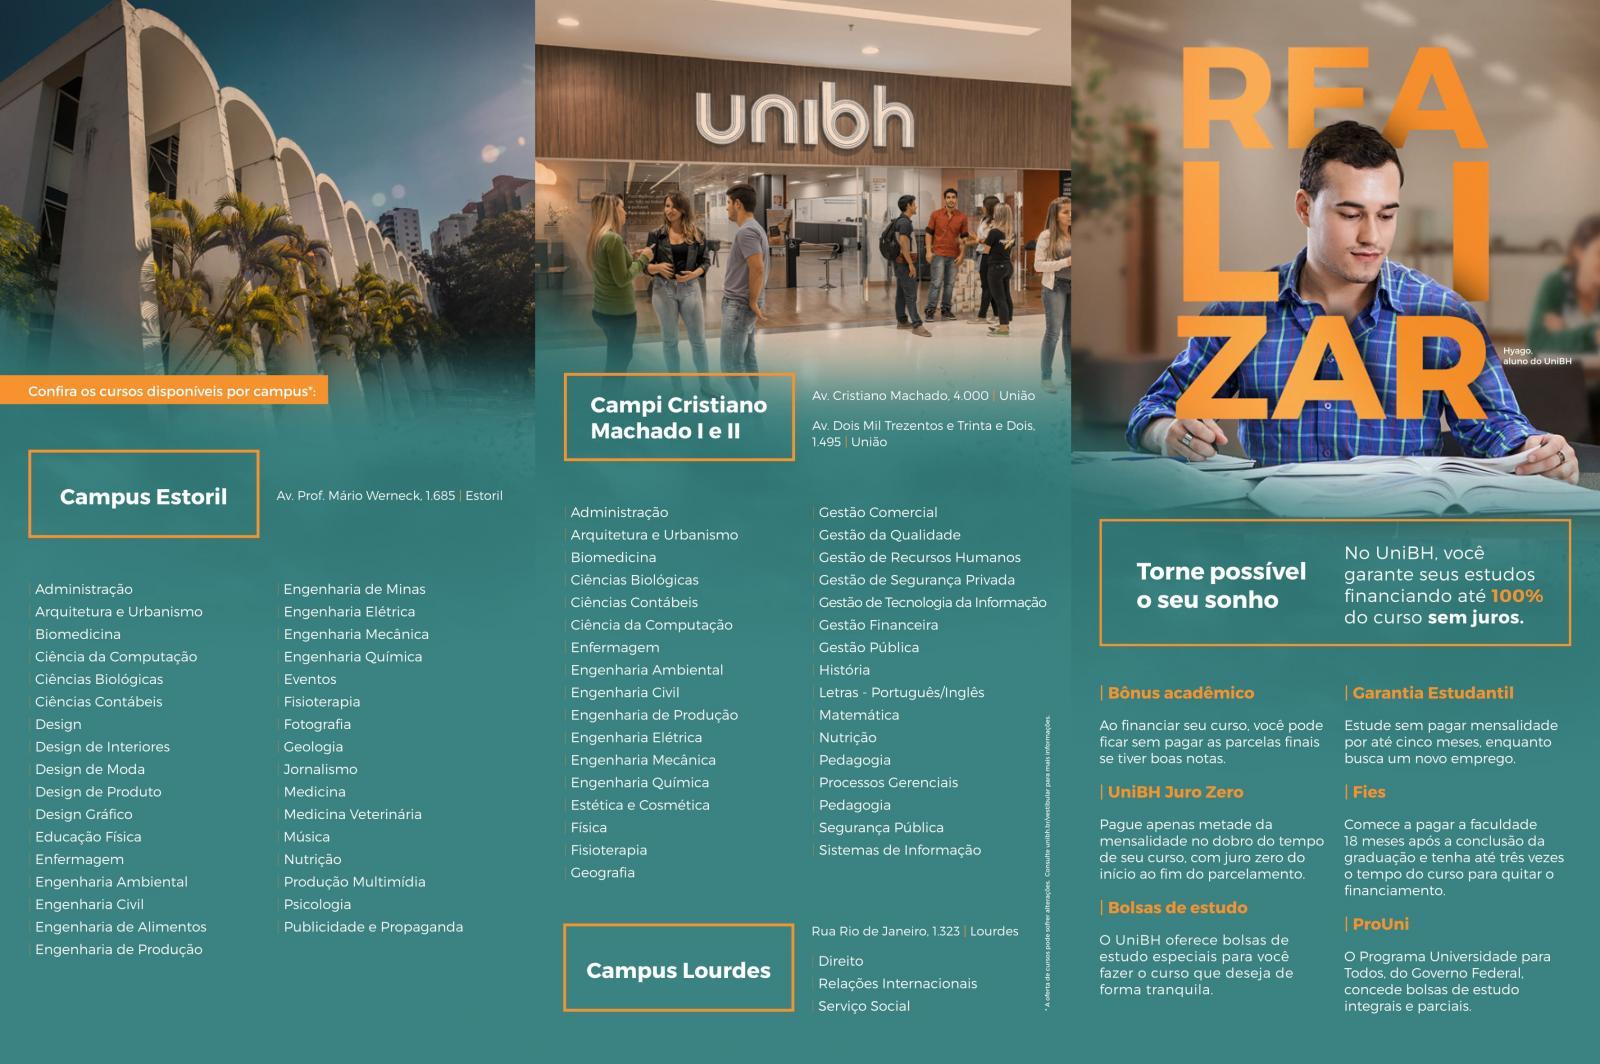 UNIBH_graduacao_cursos-1(1).jpg